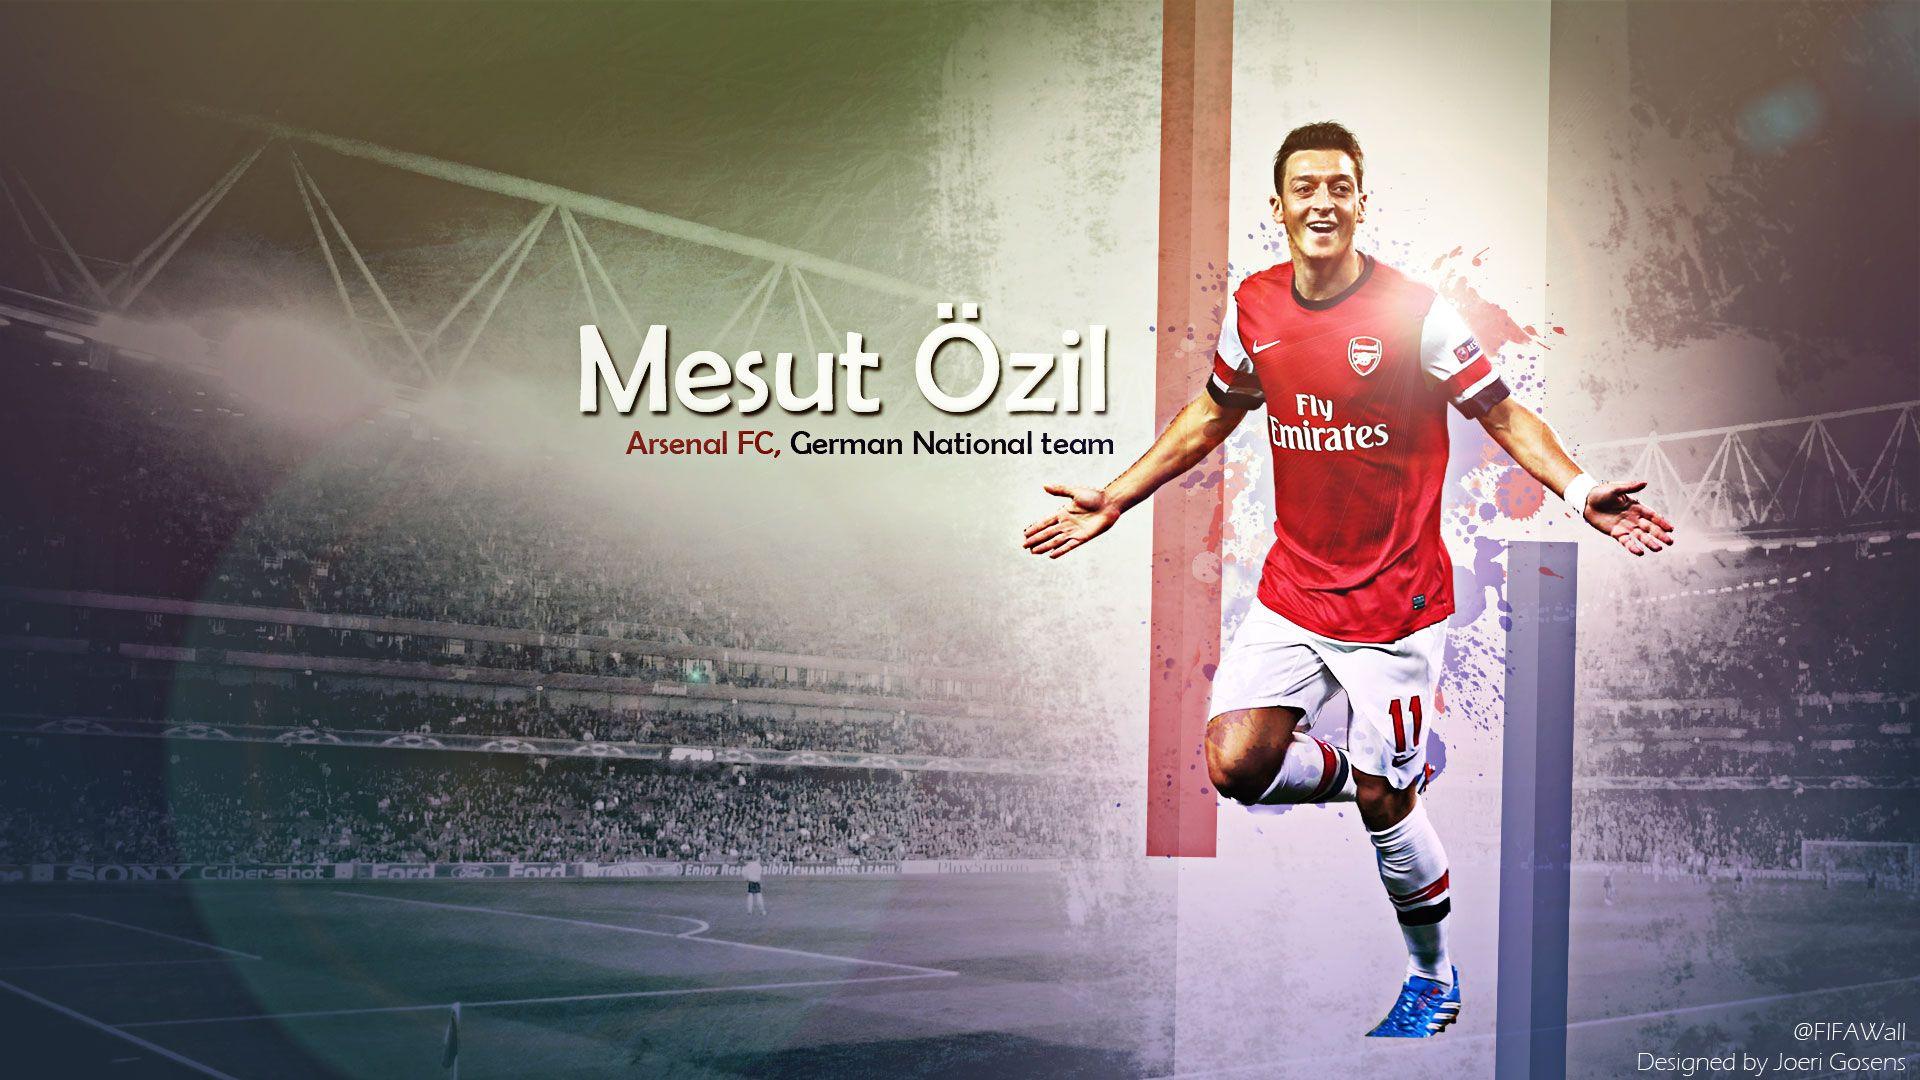 Ozil arsenal player